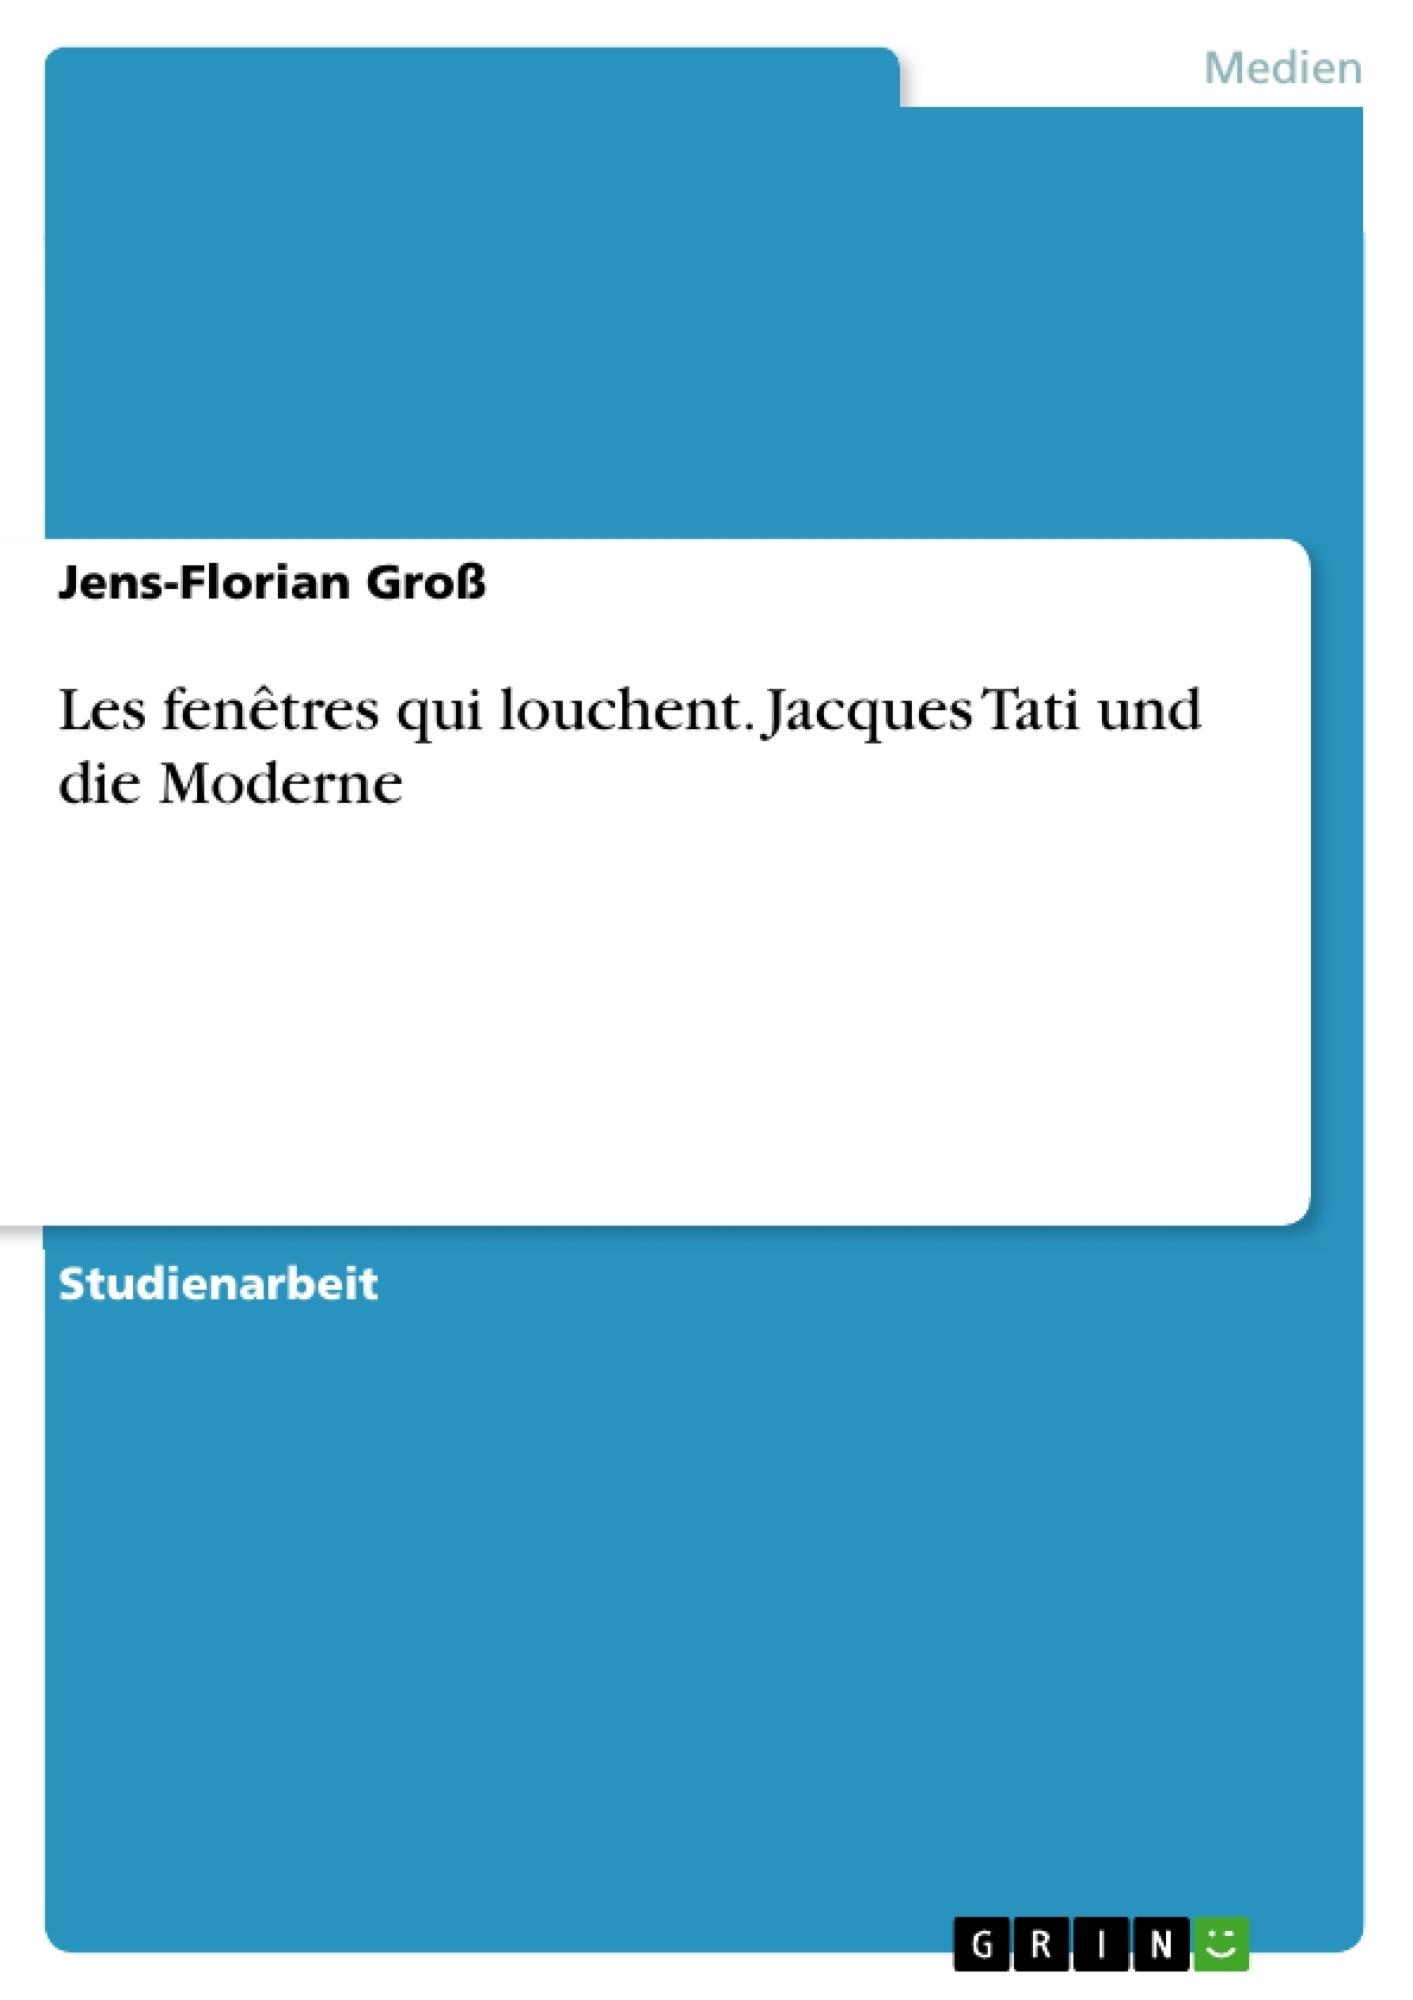 Titel: Les fenêtres qui louchent. Jacques Tati und die Moderne